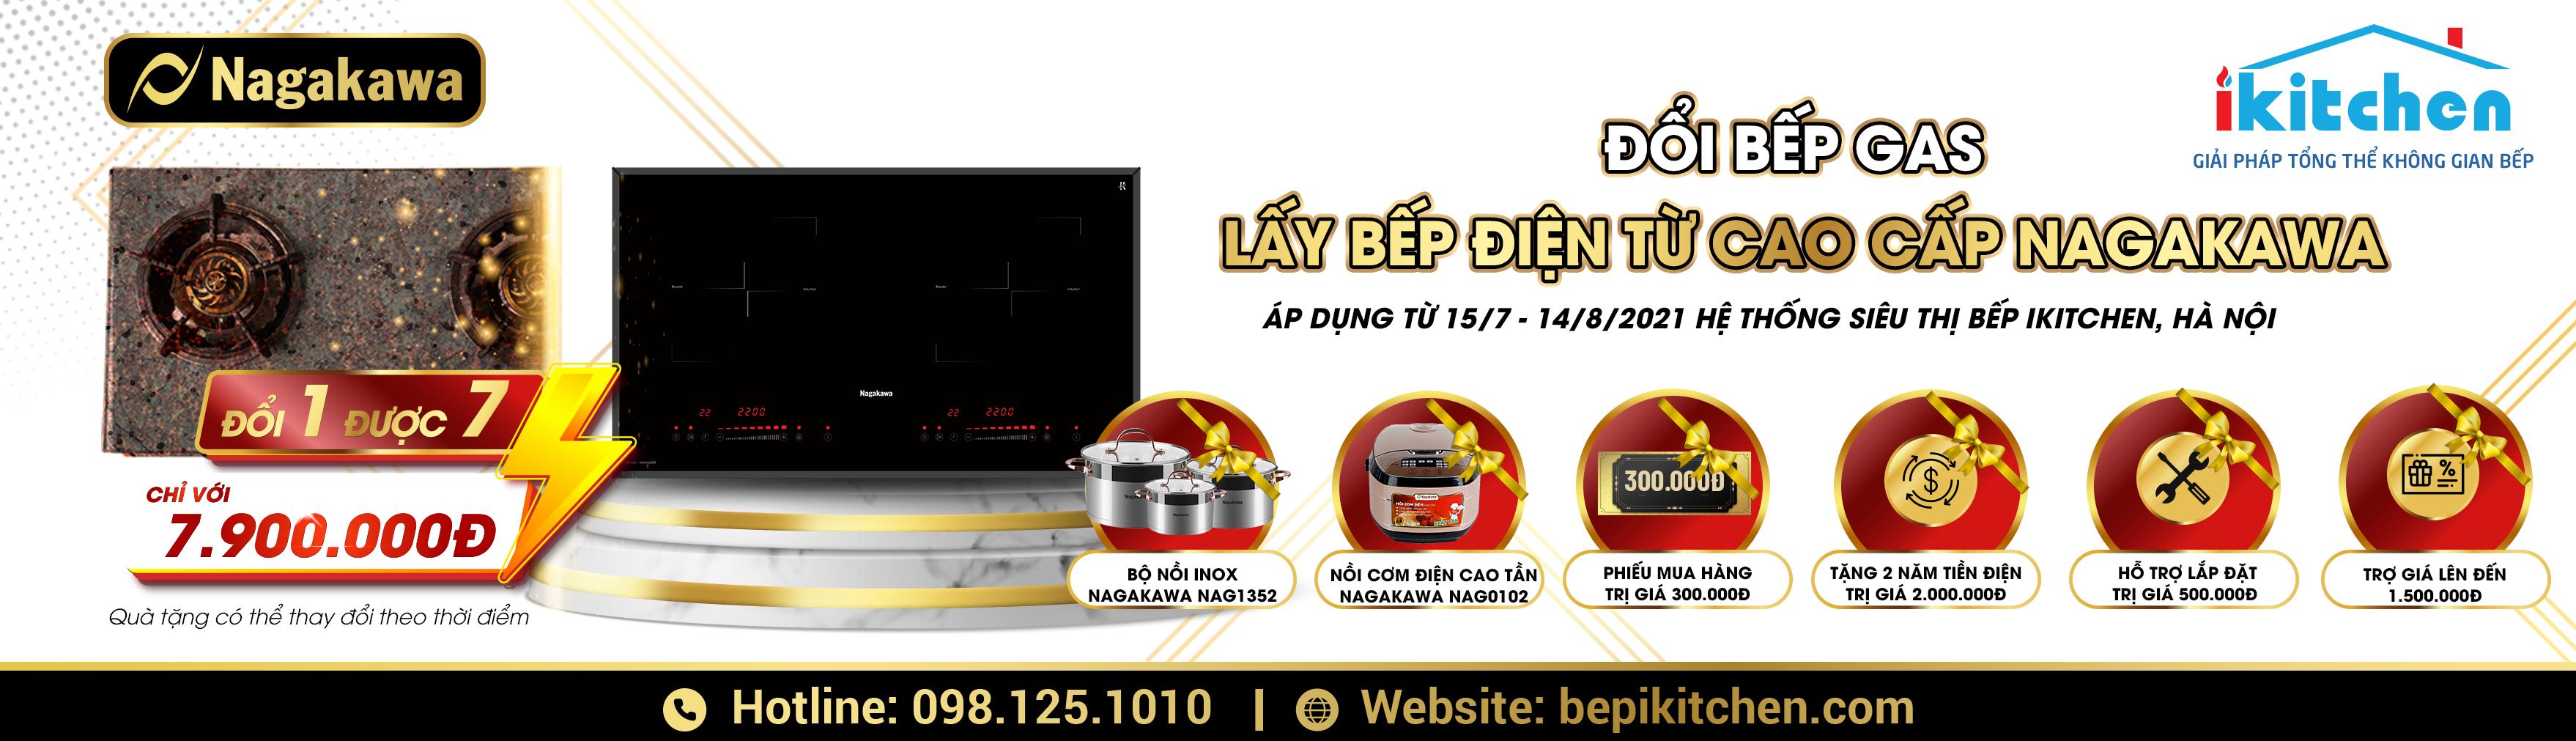 Banner_doi_bep-gas_lay_bep_tu